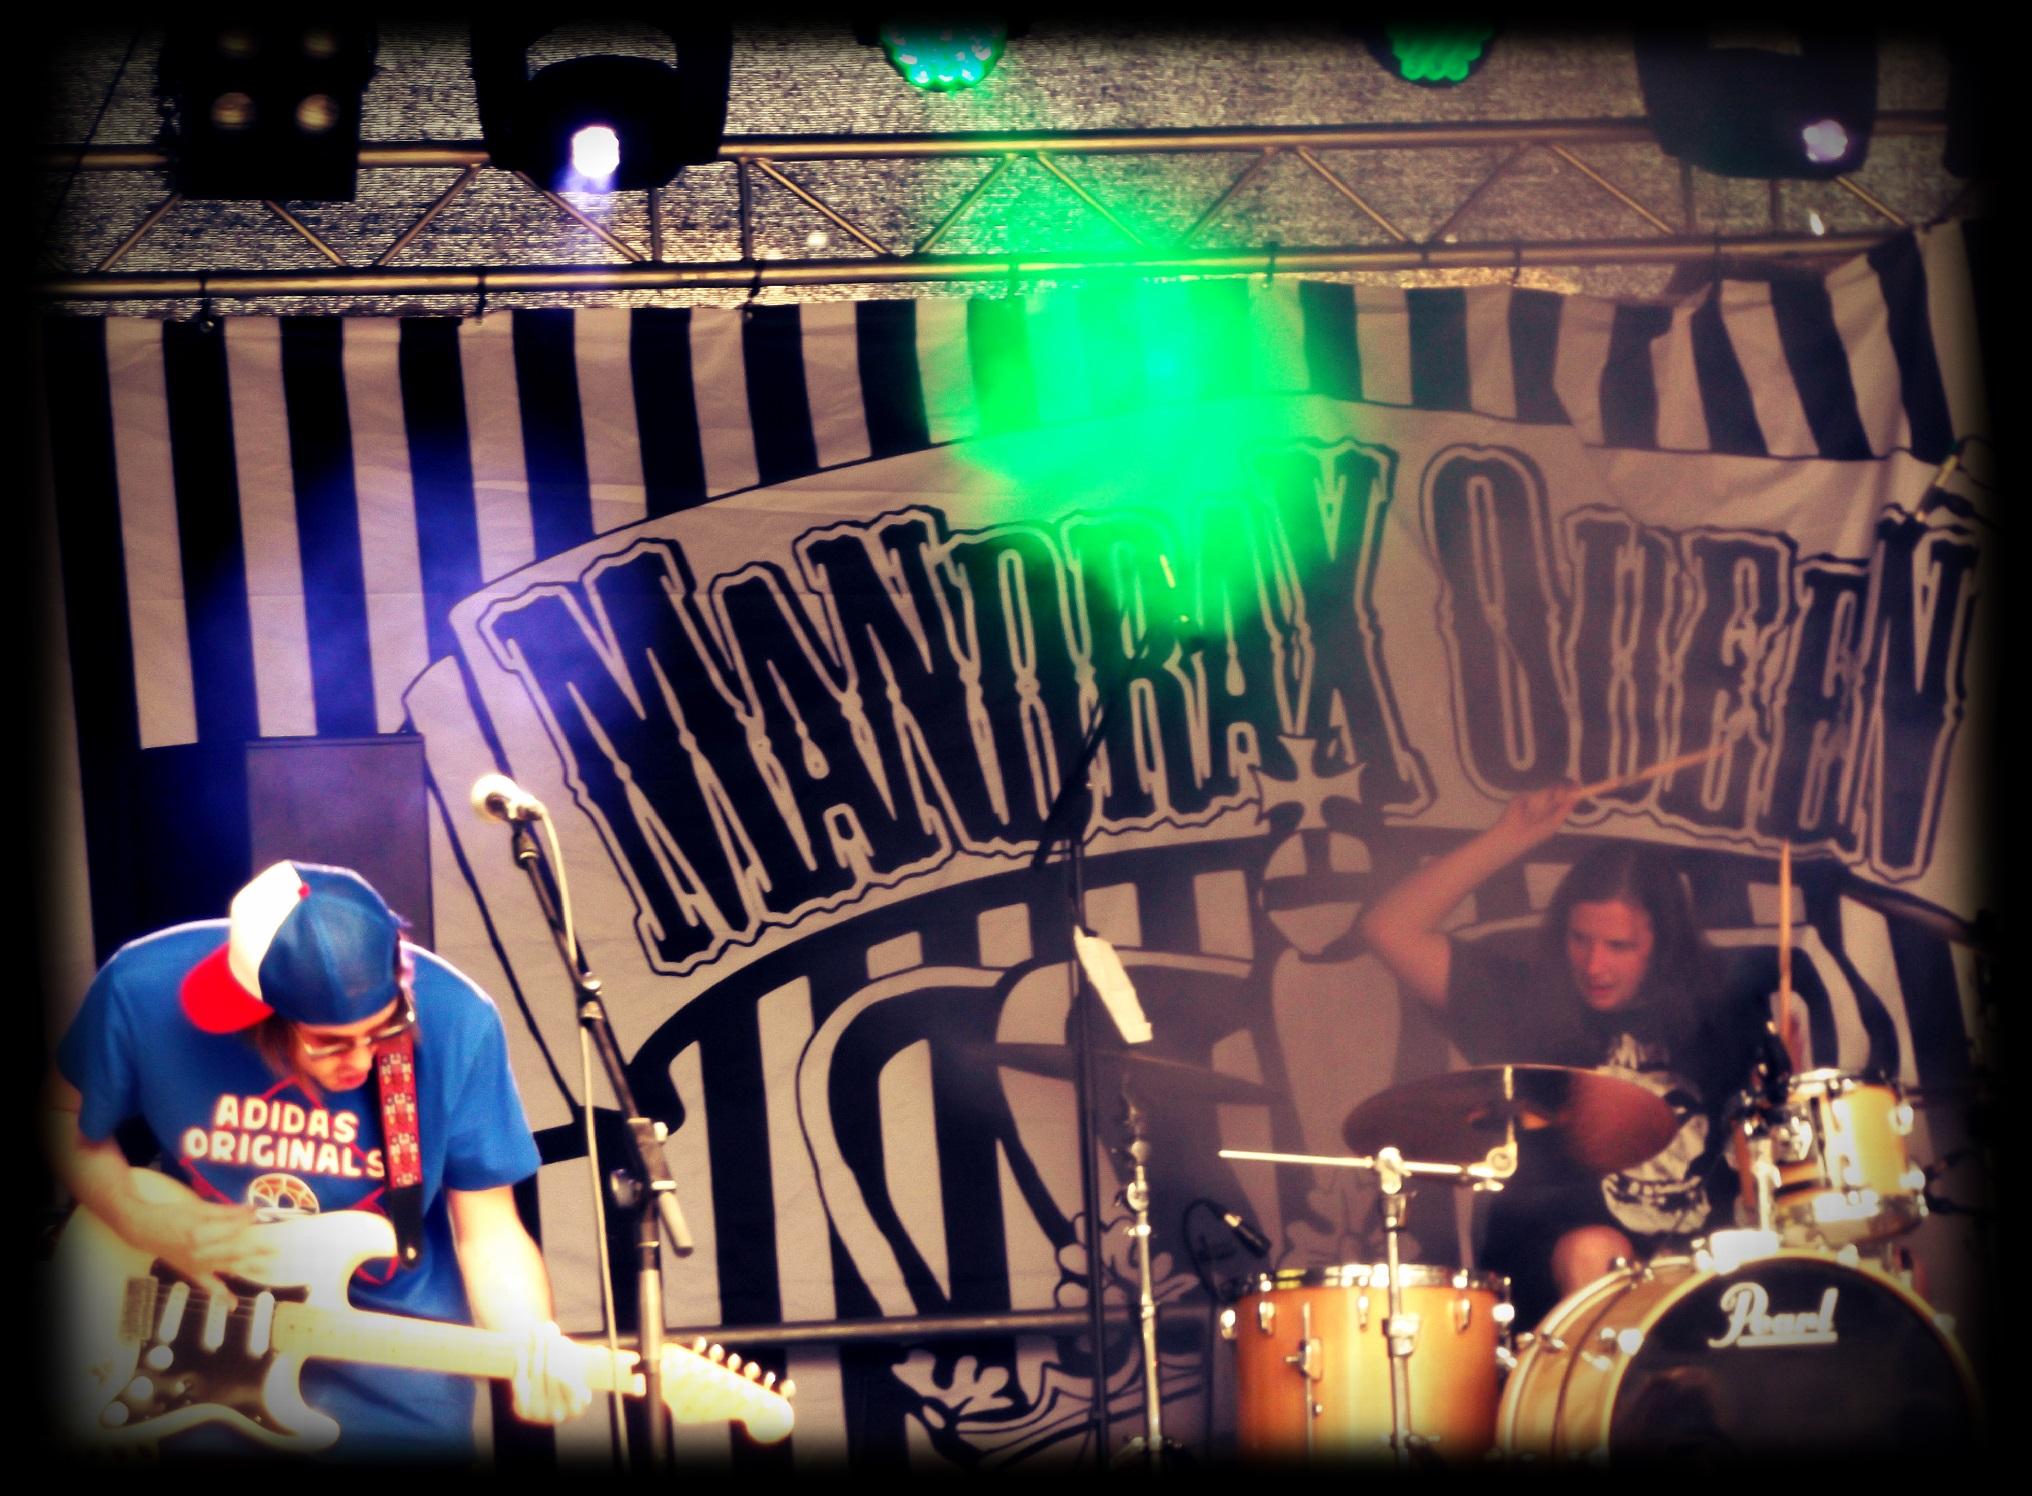 02Mandrax Queen